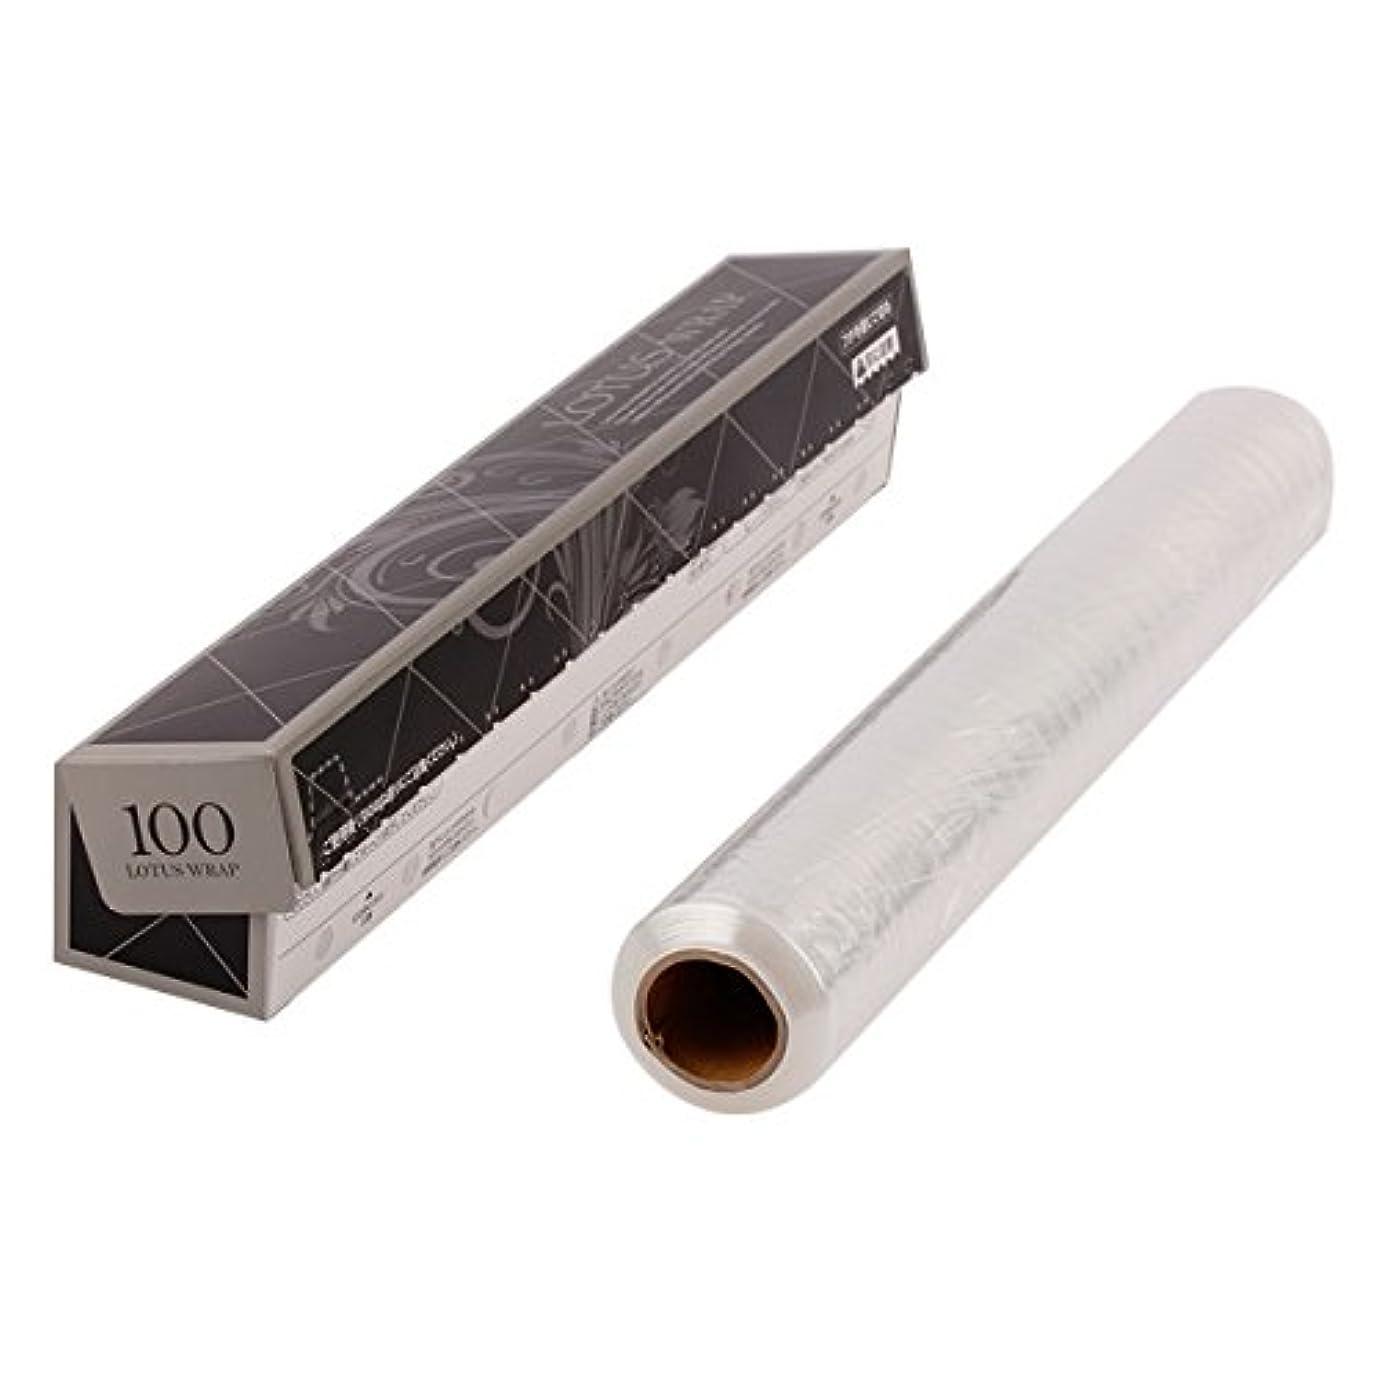 溶けるボーカル鋭くサロン用ラップ 幅30cm×長さ100m [ サロン用ラップ エステ サロン ラップ ]